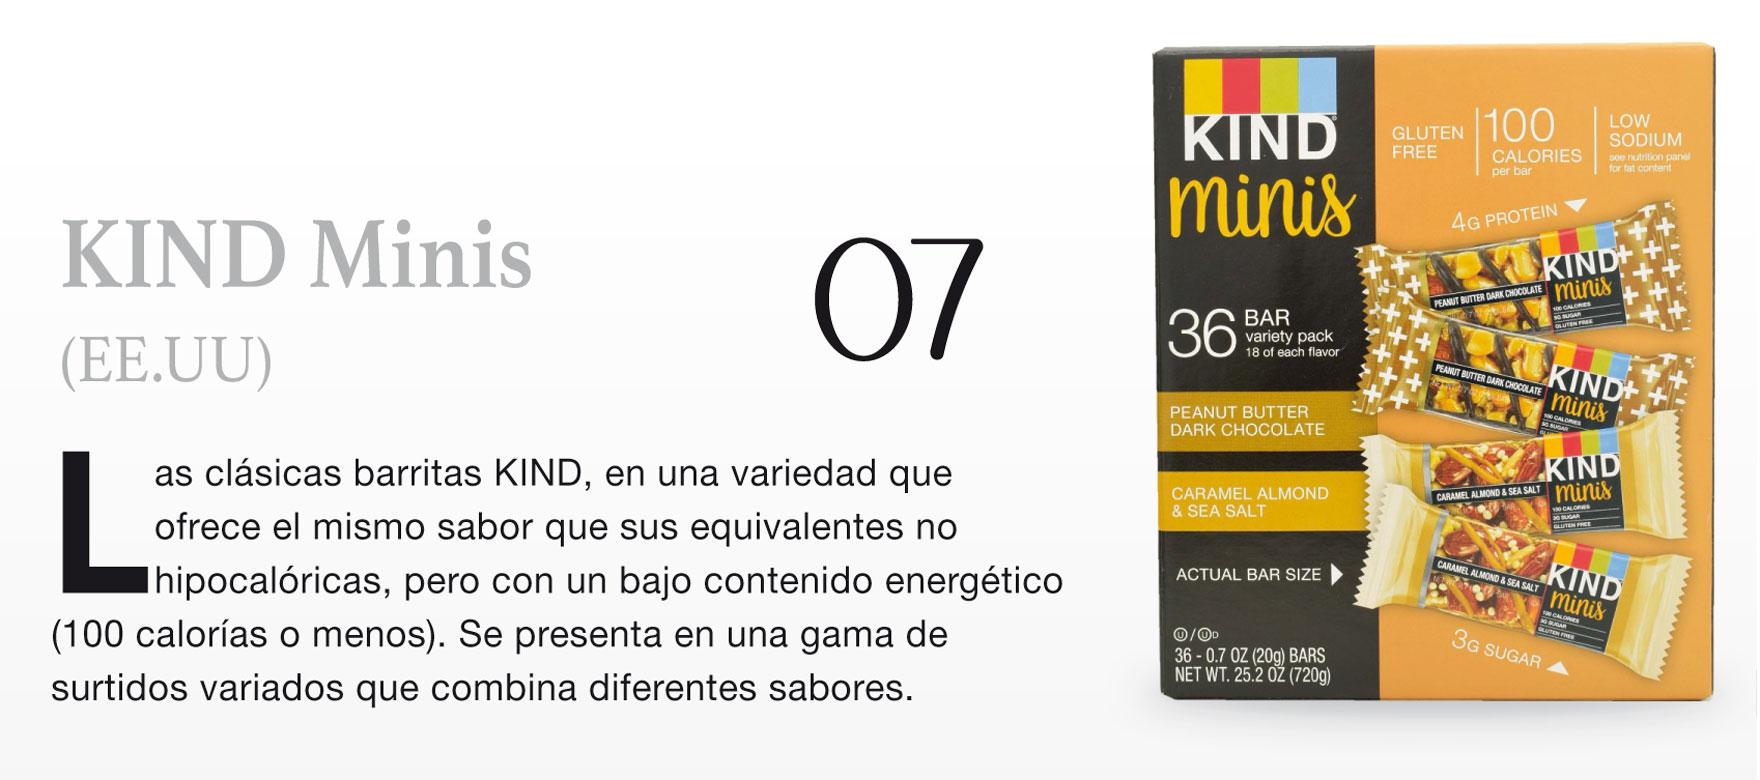 KIND Minis (EE.UU)